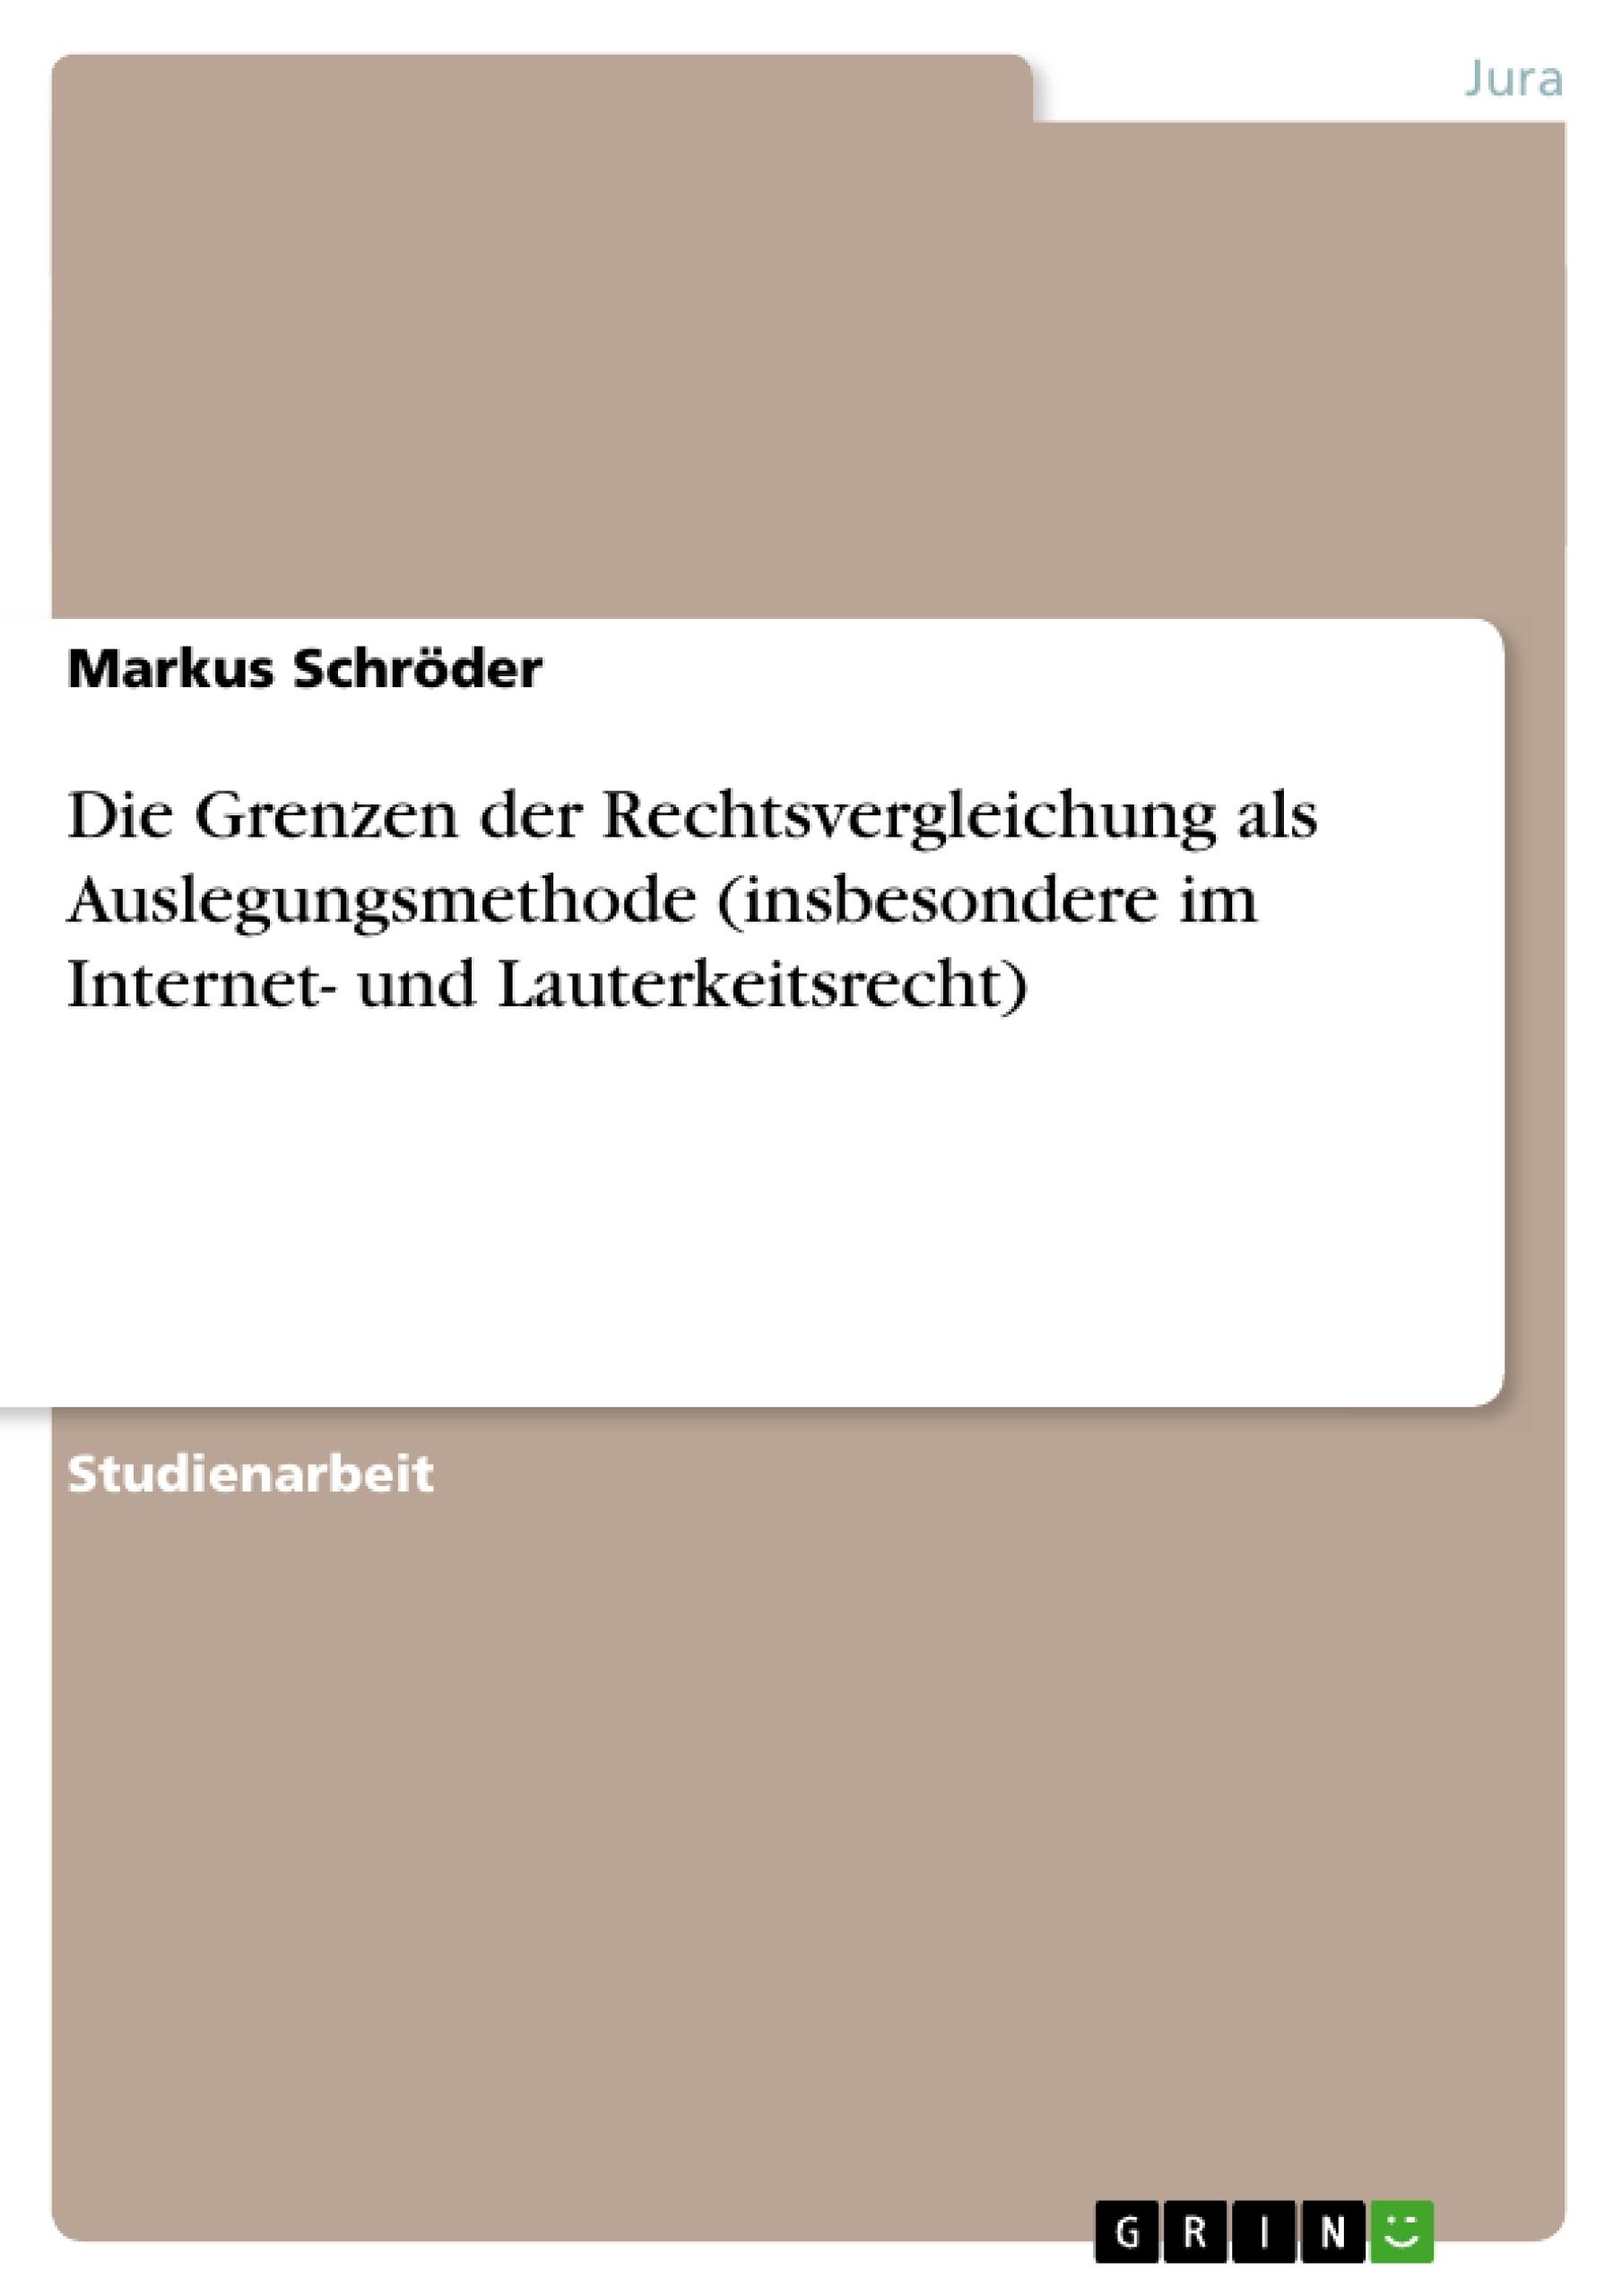 Titel: Die Grenzen der Rechtsvergleichung als Auslegungsmethode (insbesondere im Internet- und Lauterkeitsrecht)